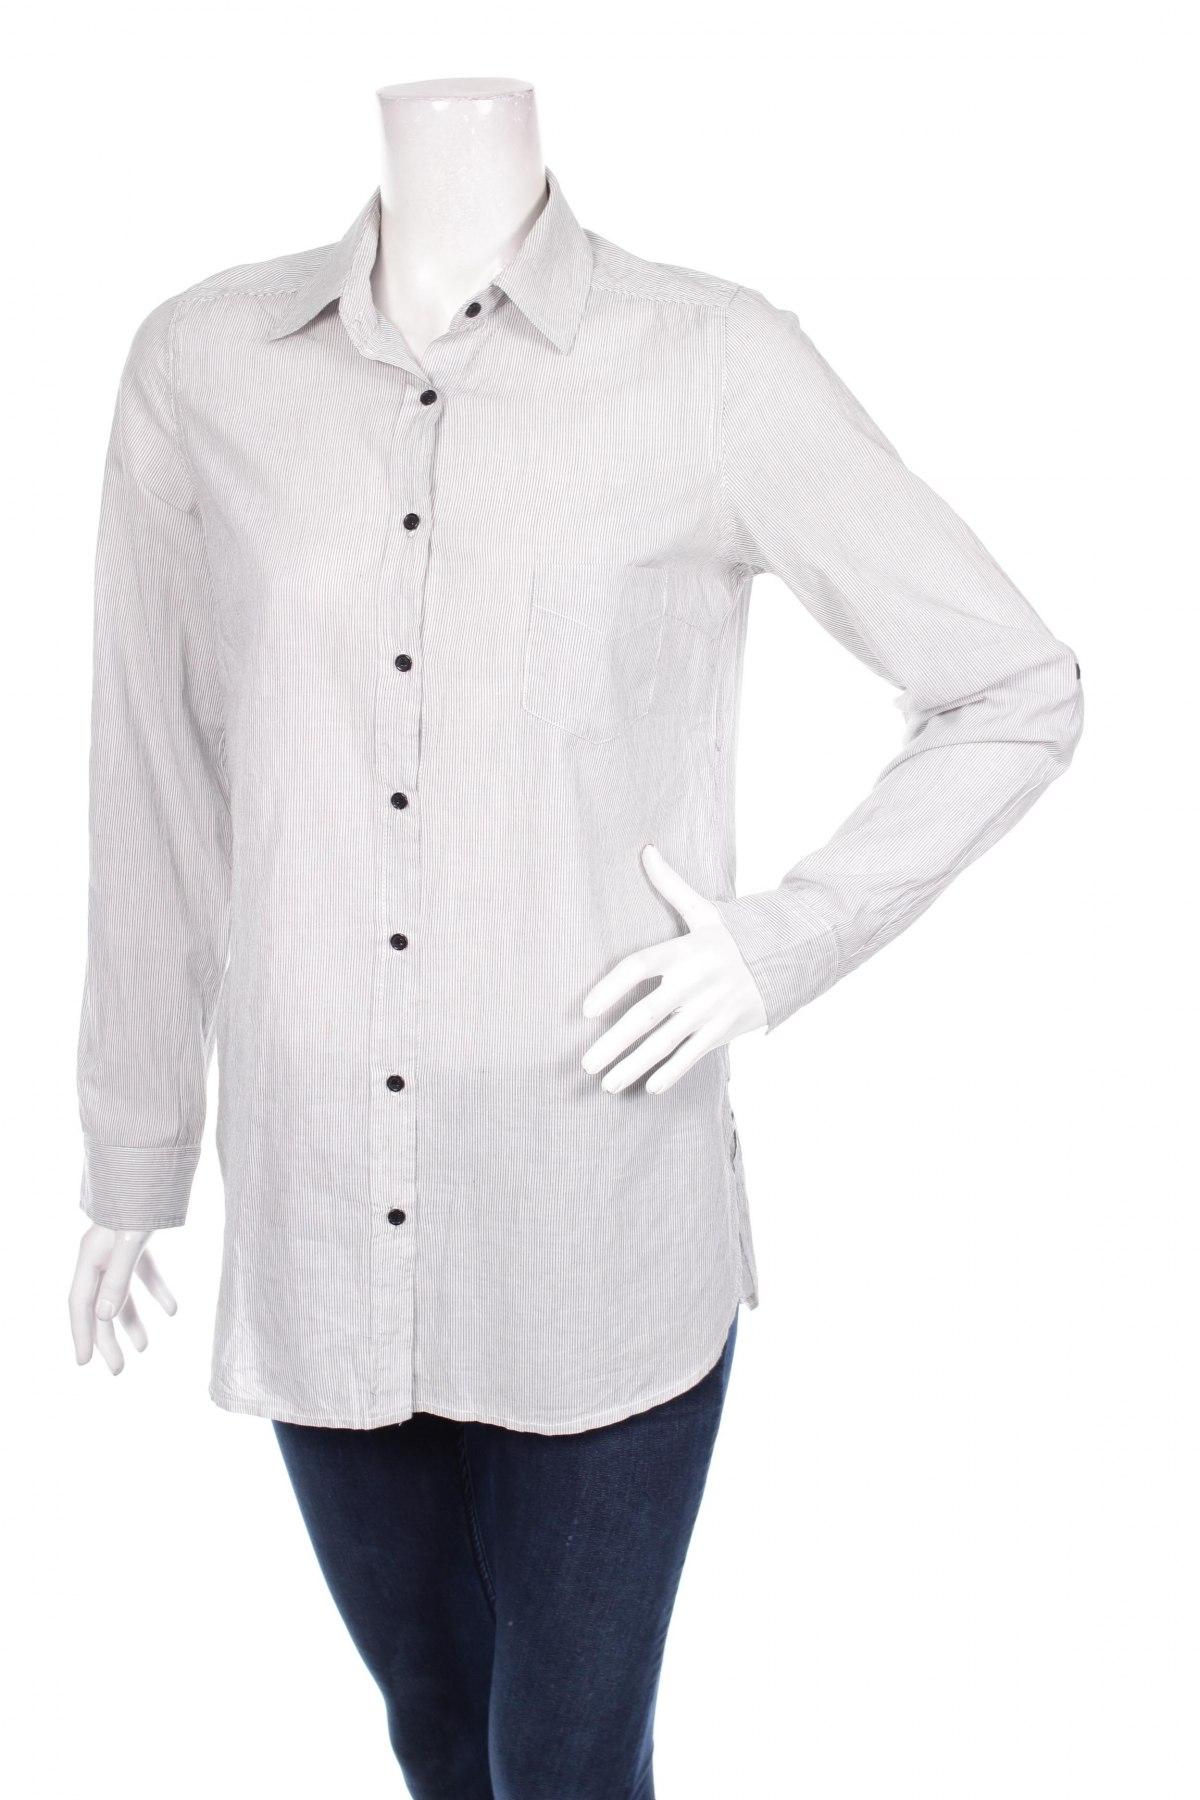 Γυναικείο πουκάμισο Maxim